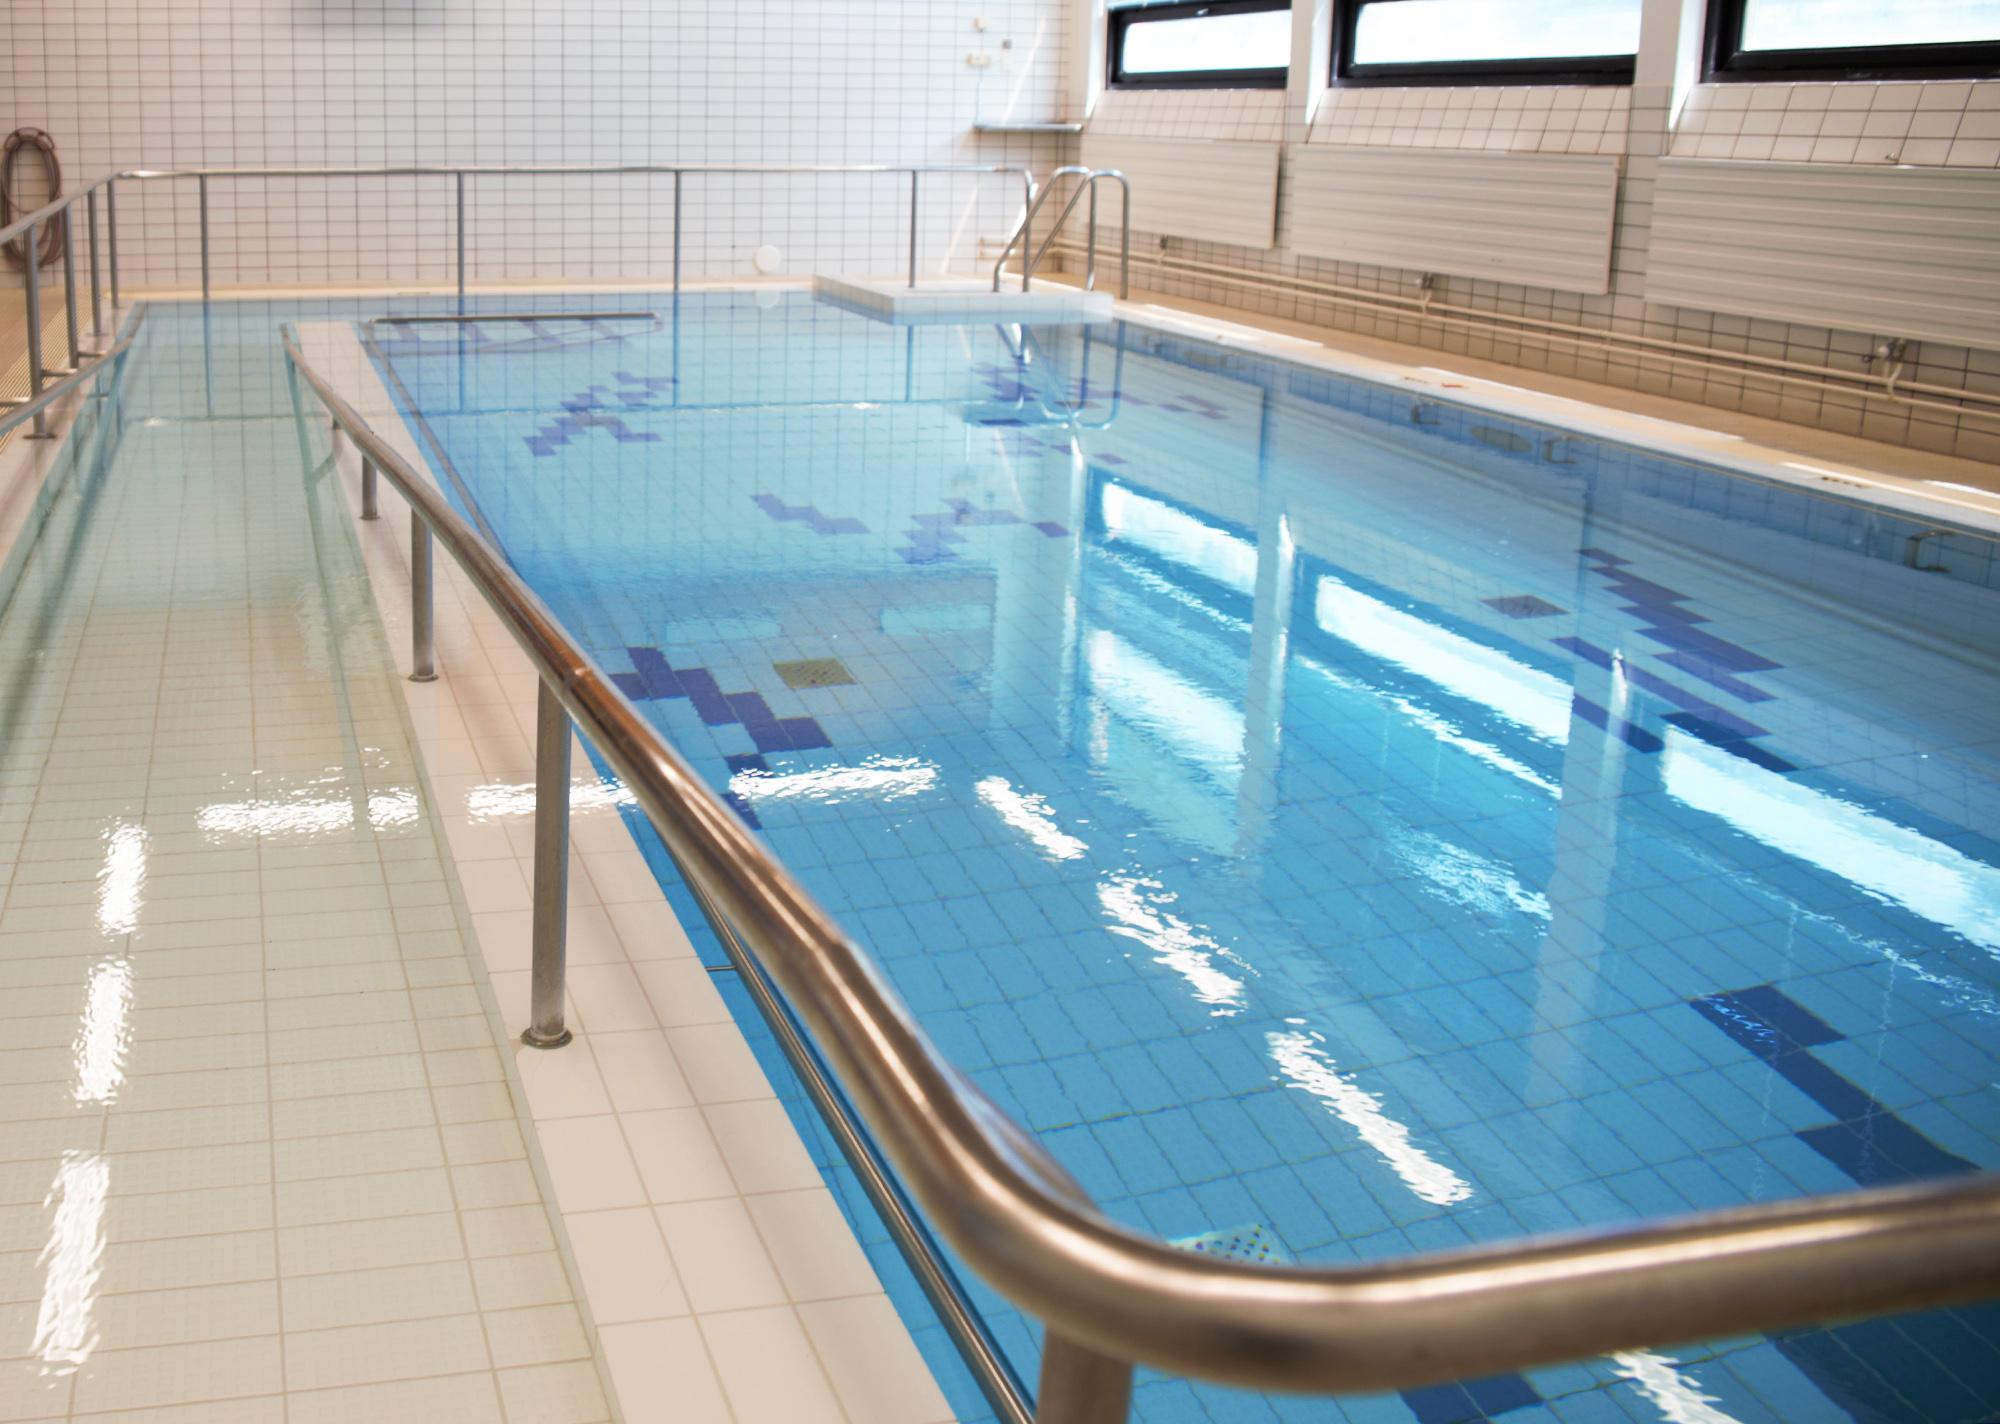 Terapia-allas Kiipulan uimahallissa.